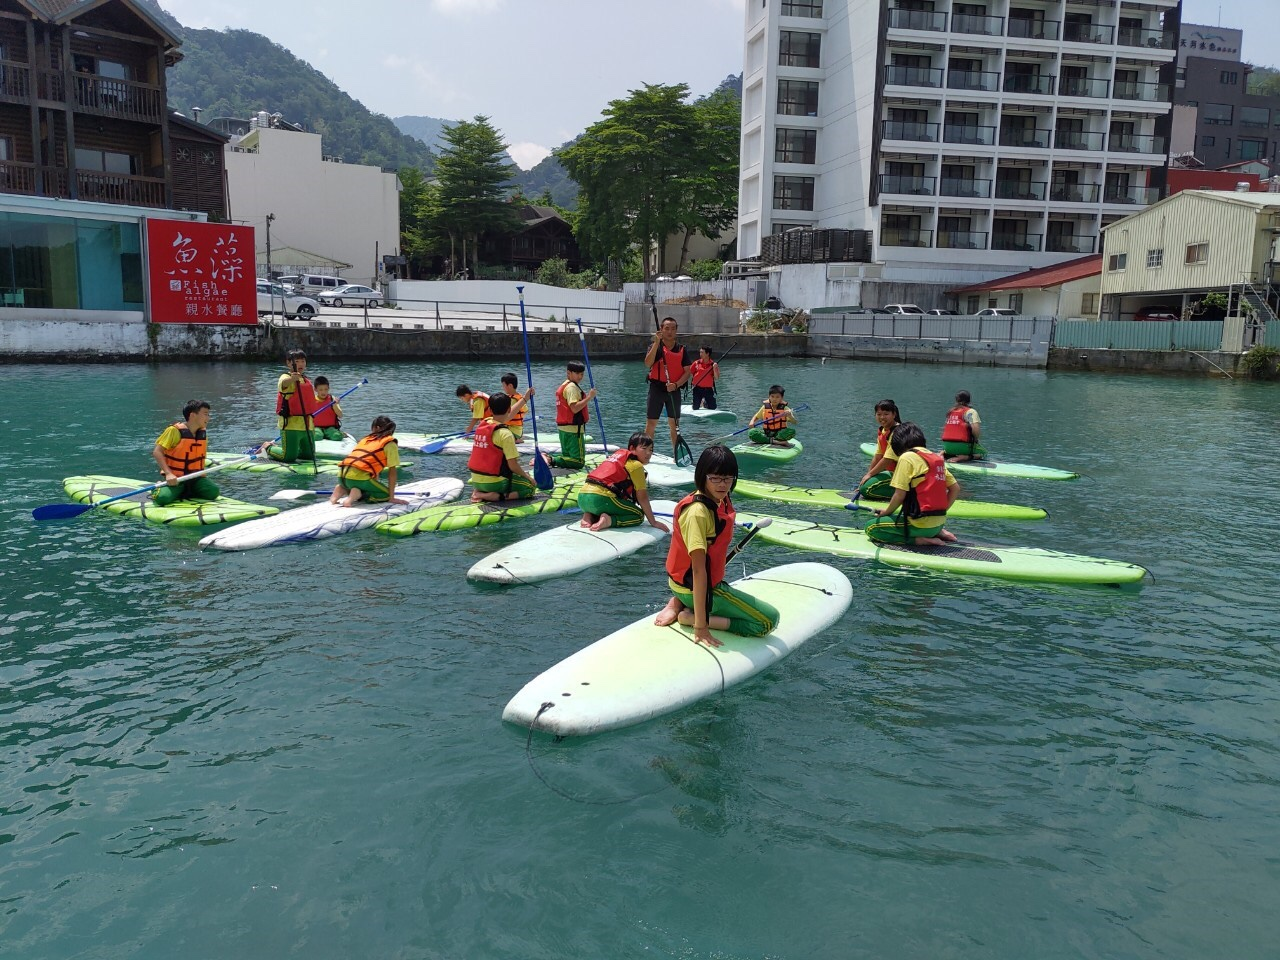 水上活動校外教學立式划槳SUP體驗